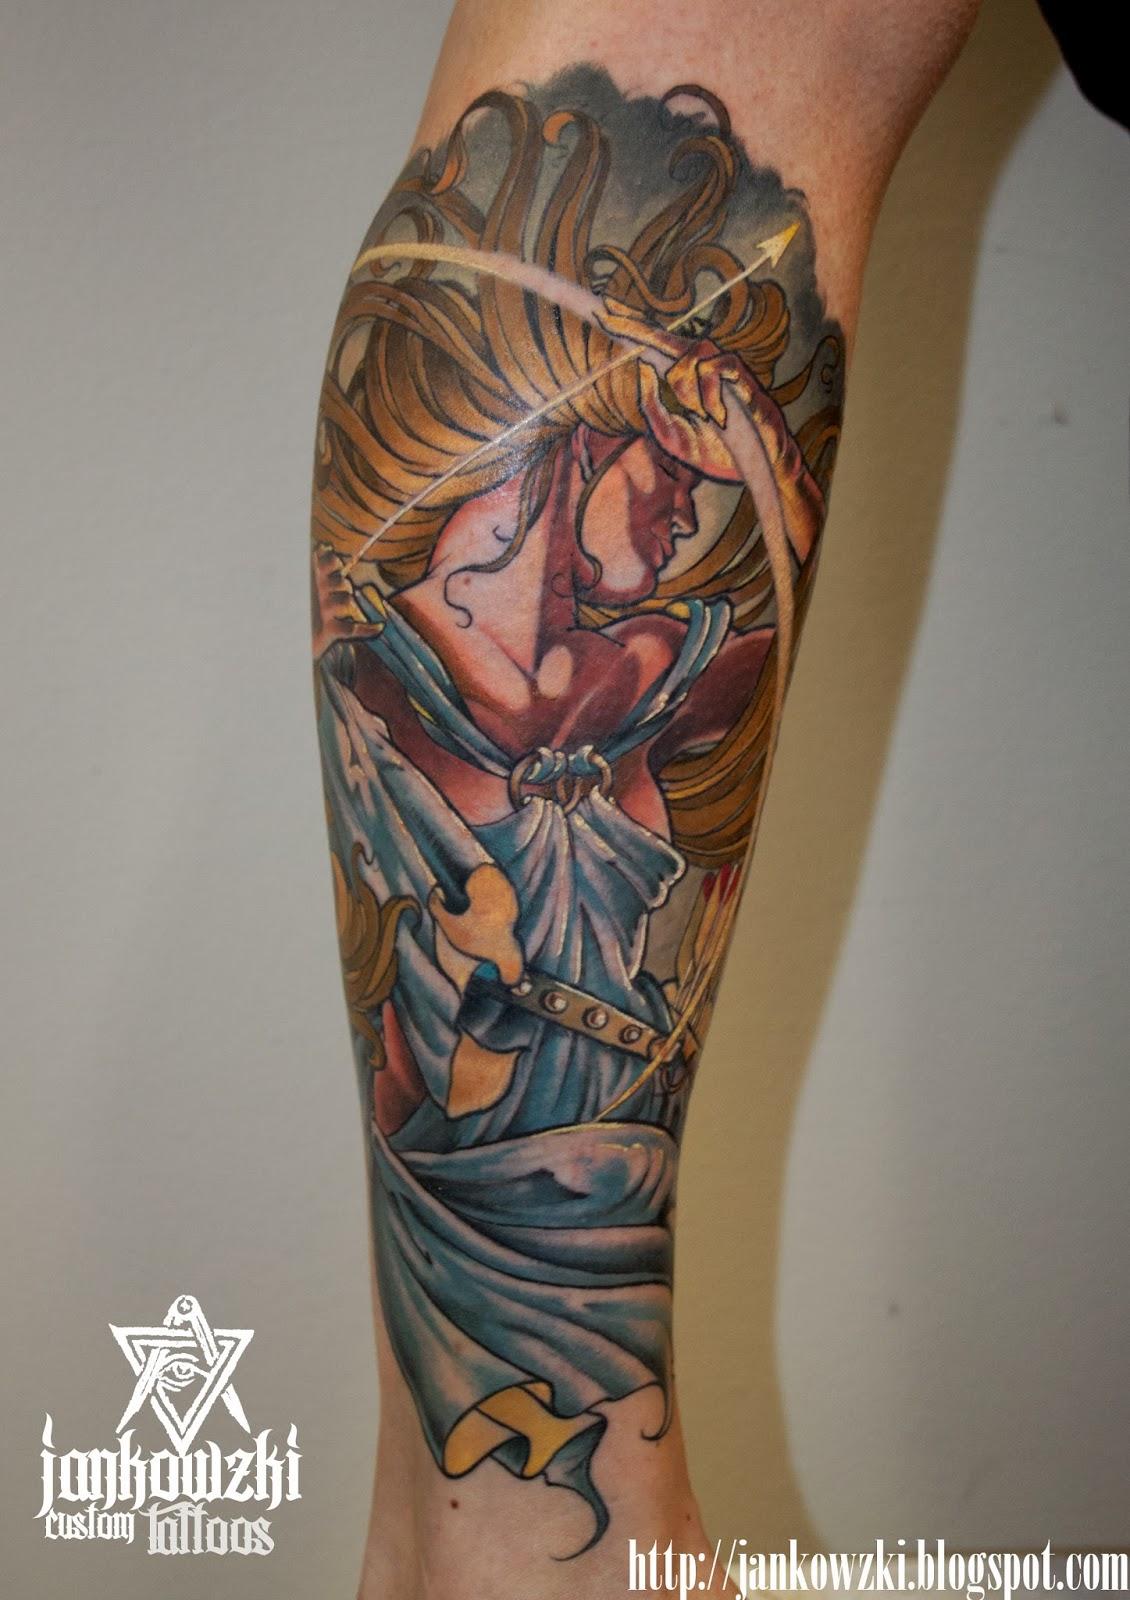 Tattoo Of Tattoo: Jankowzki Custom Tattoos: Goddess Diana